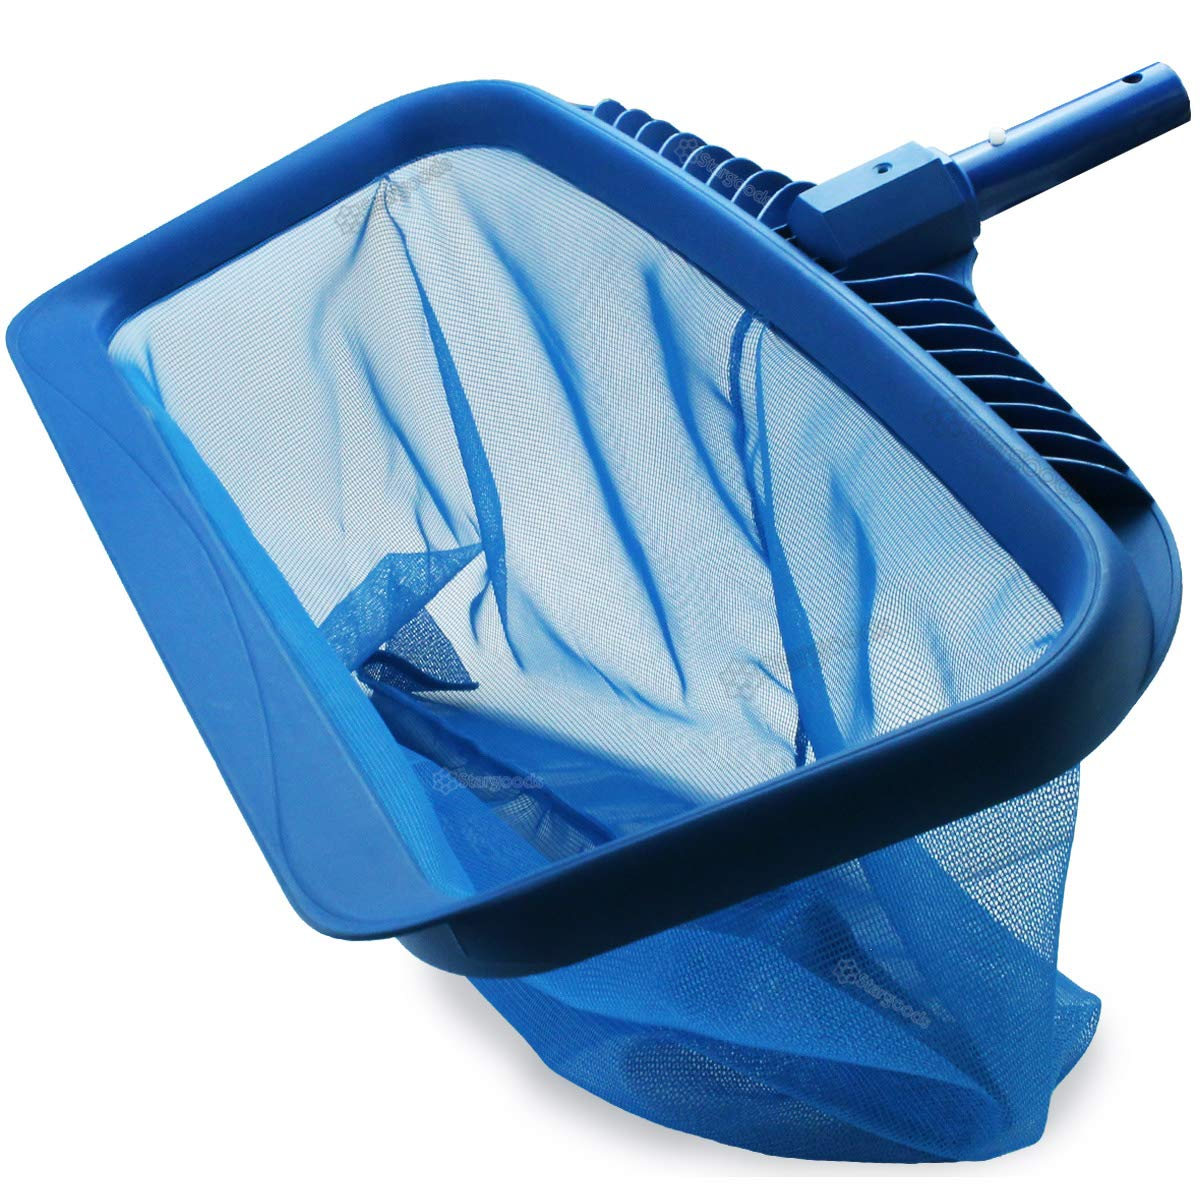 Stargoods Pool Skimmer Net, Heavy Duty Leaf Rake Cleaning Tool, Fine Mesh Net Bag Catcher by Stargoods